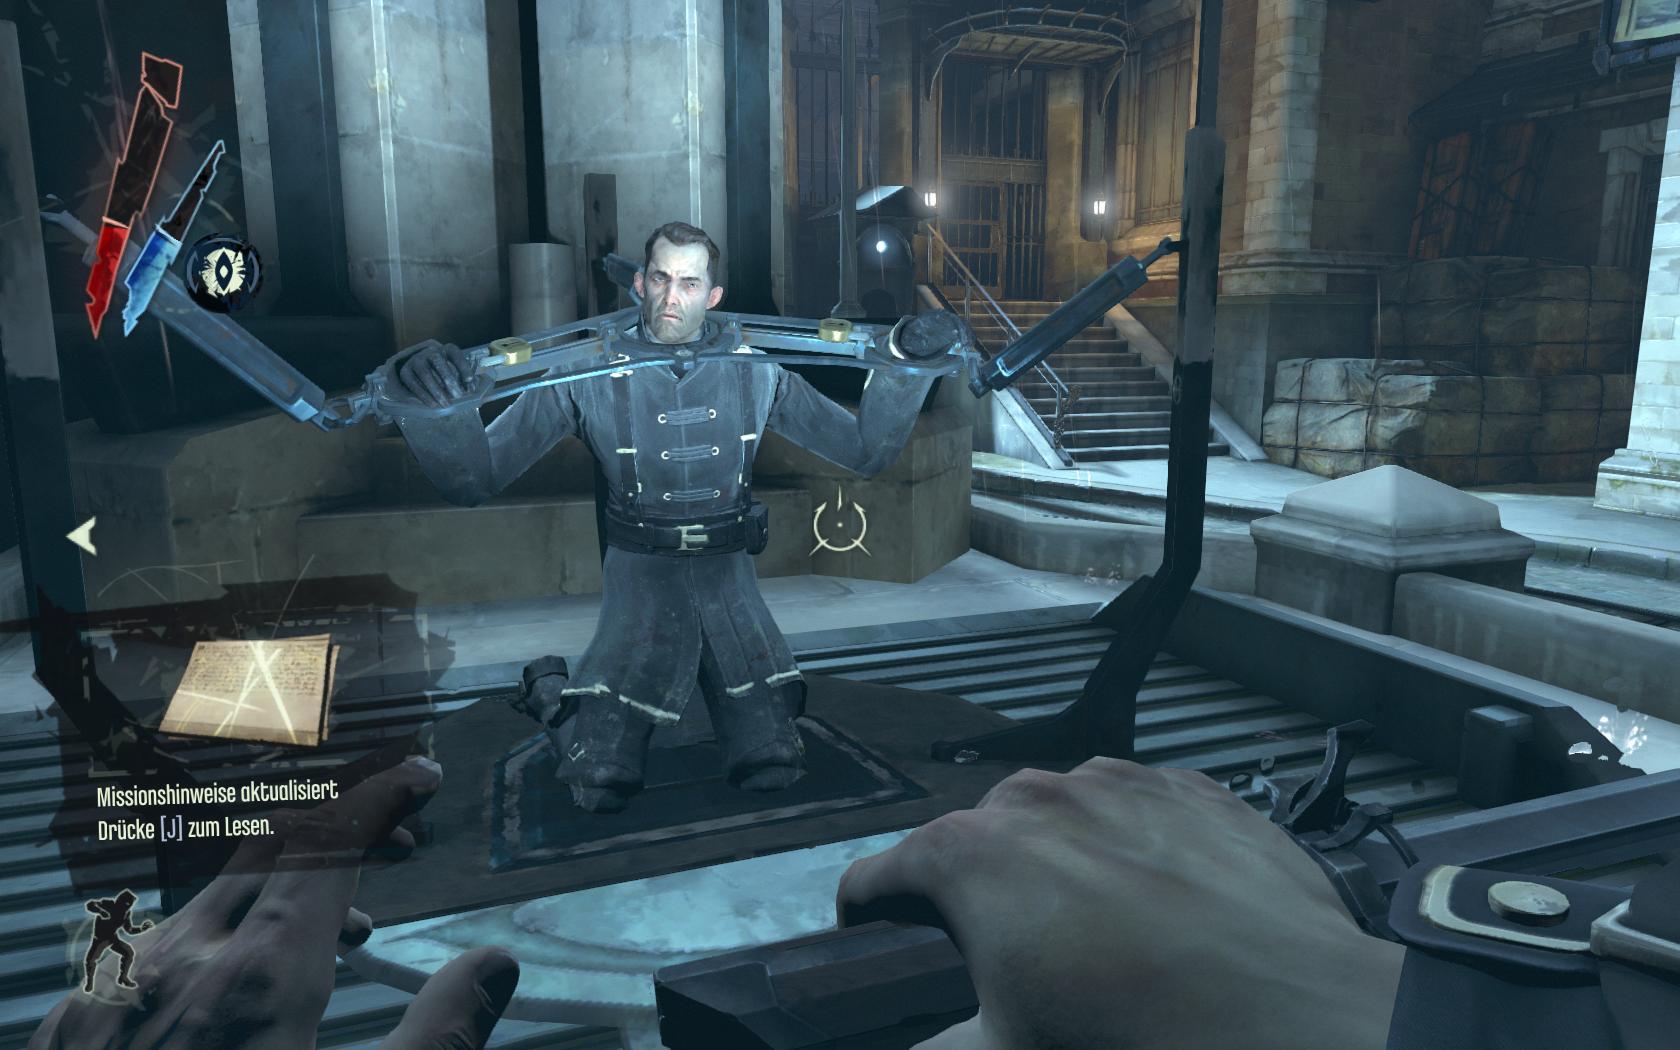 Test Dishonored: Nichts zu motzen beim Meucheln - Ein gefangener Soldat hilft uns, wenn wir ihn befreien.